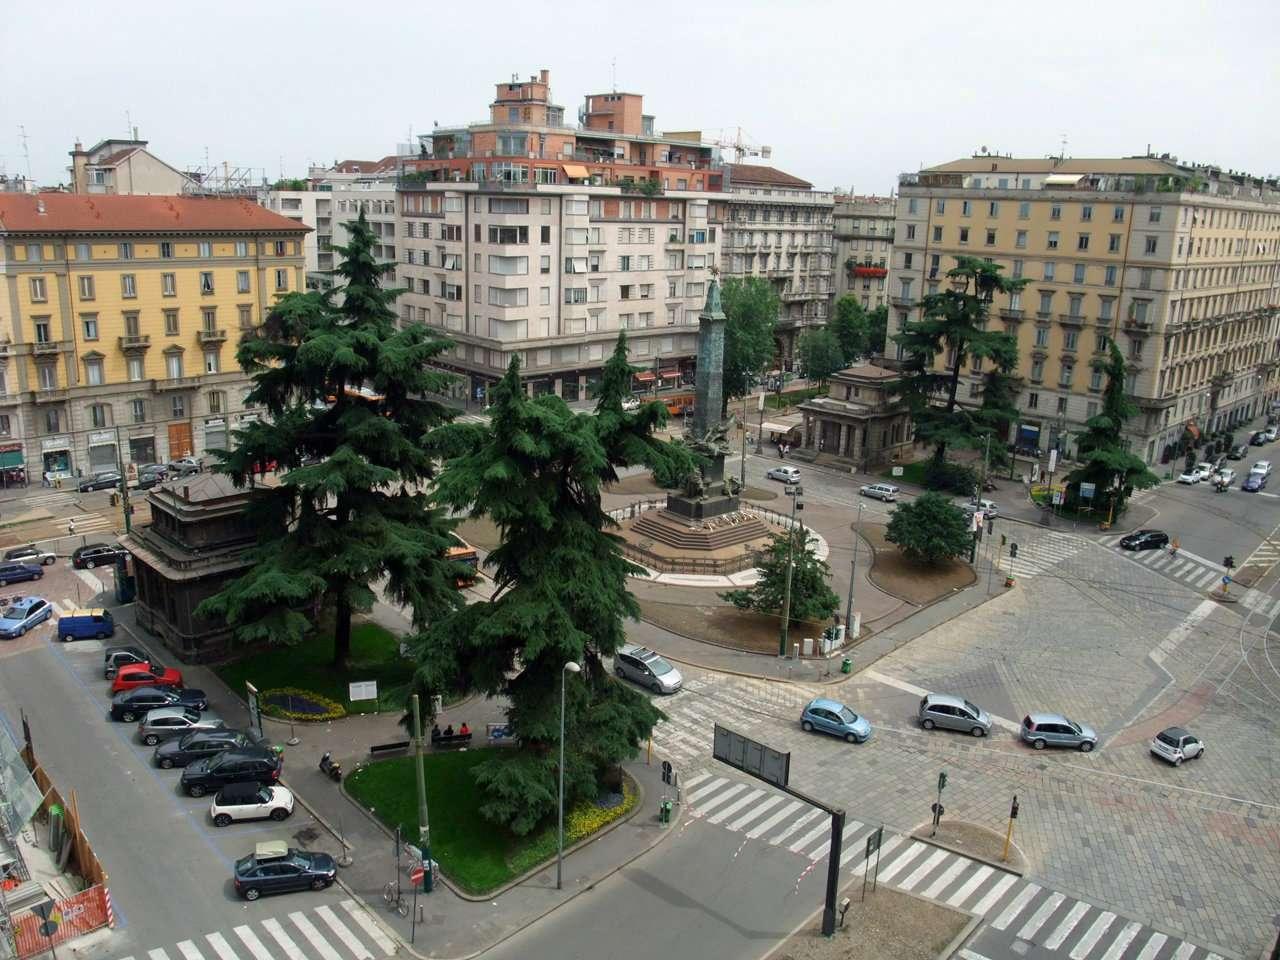 Attico in Affitto a Milano 01 Centro storico (Cerchia dei Navigli): 5 locali, 200 mq